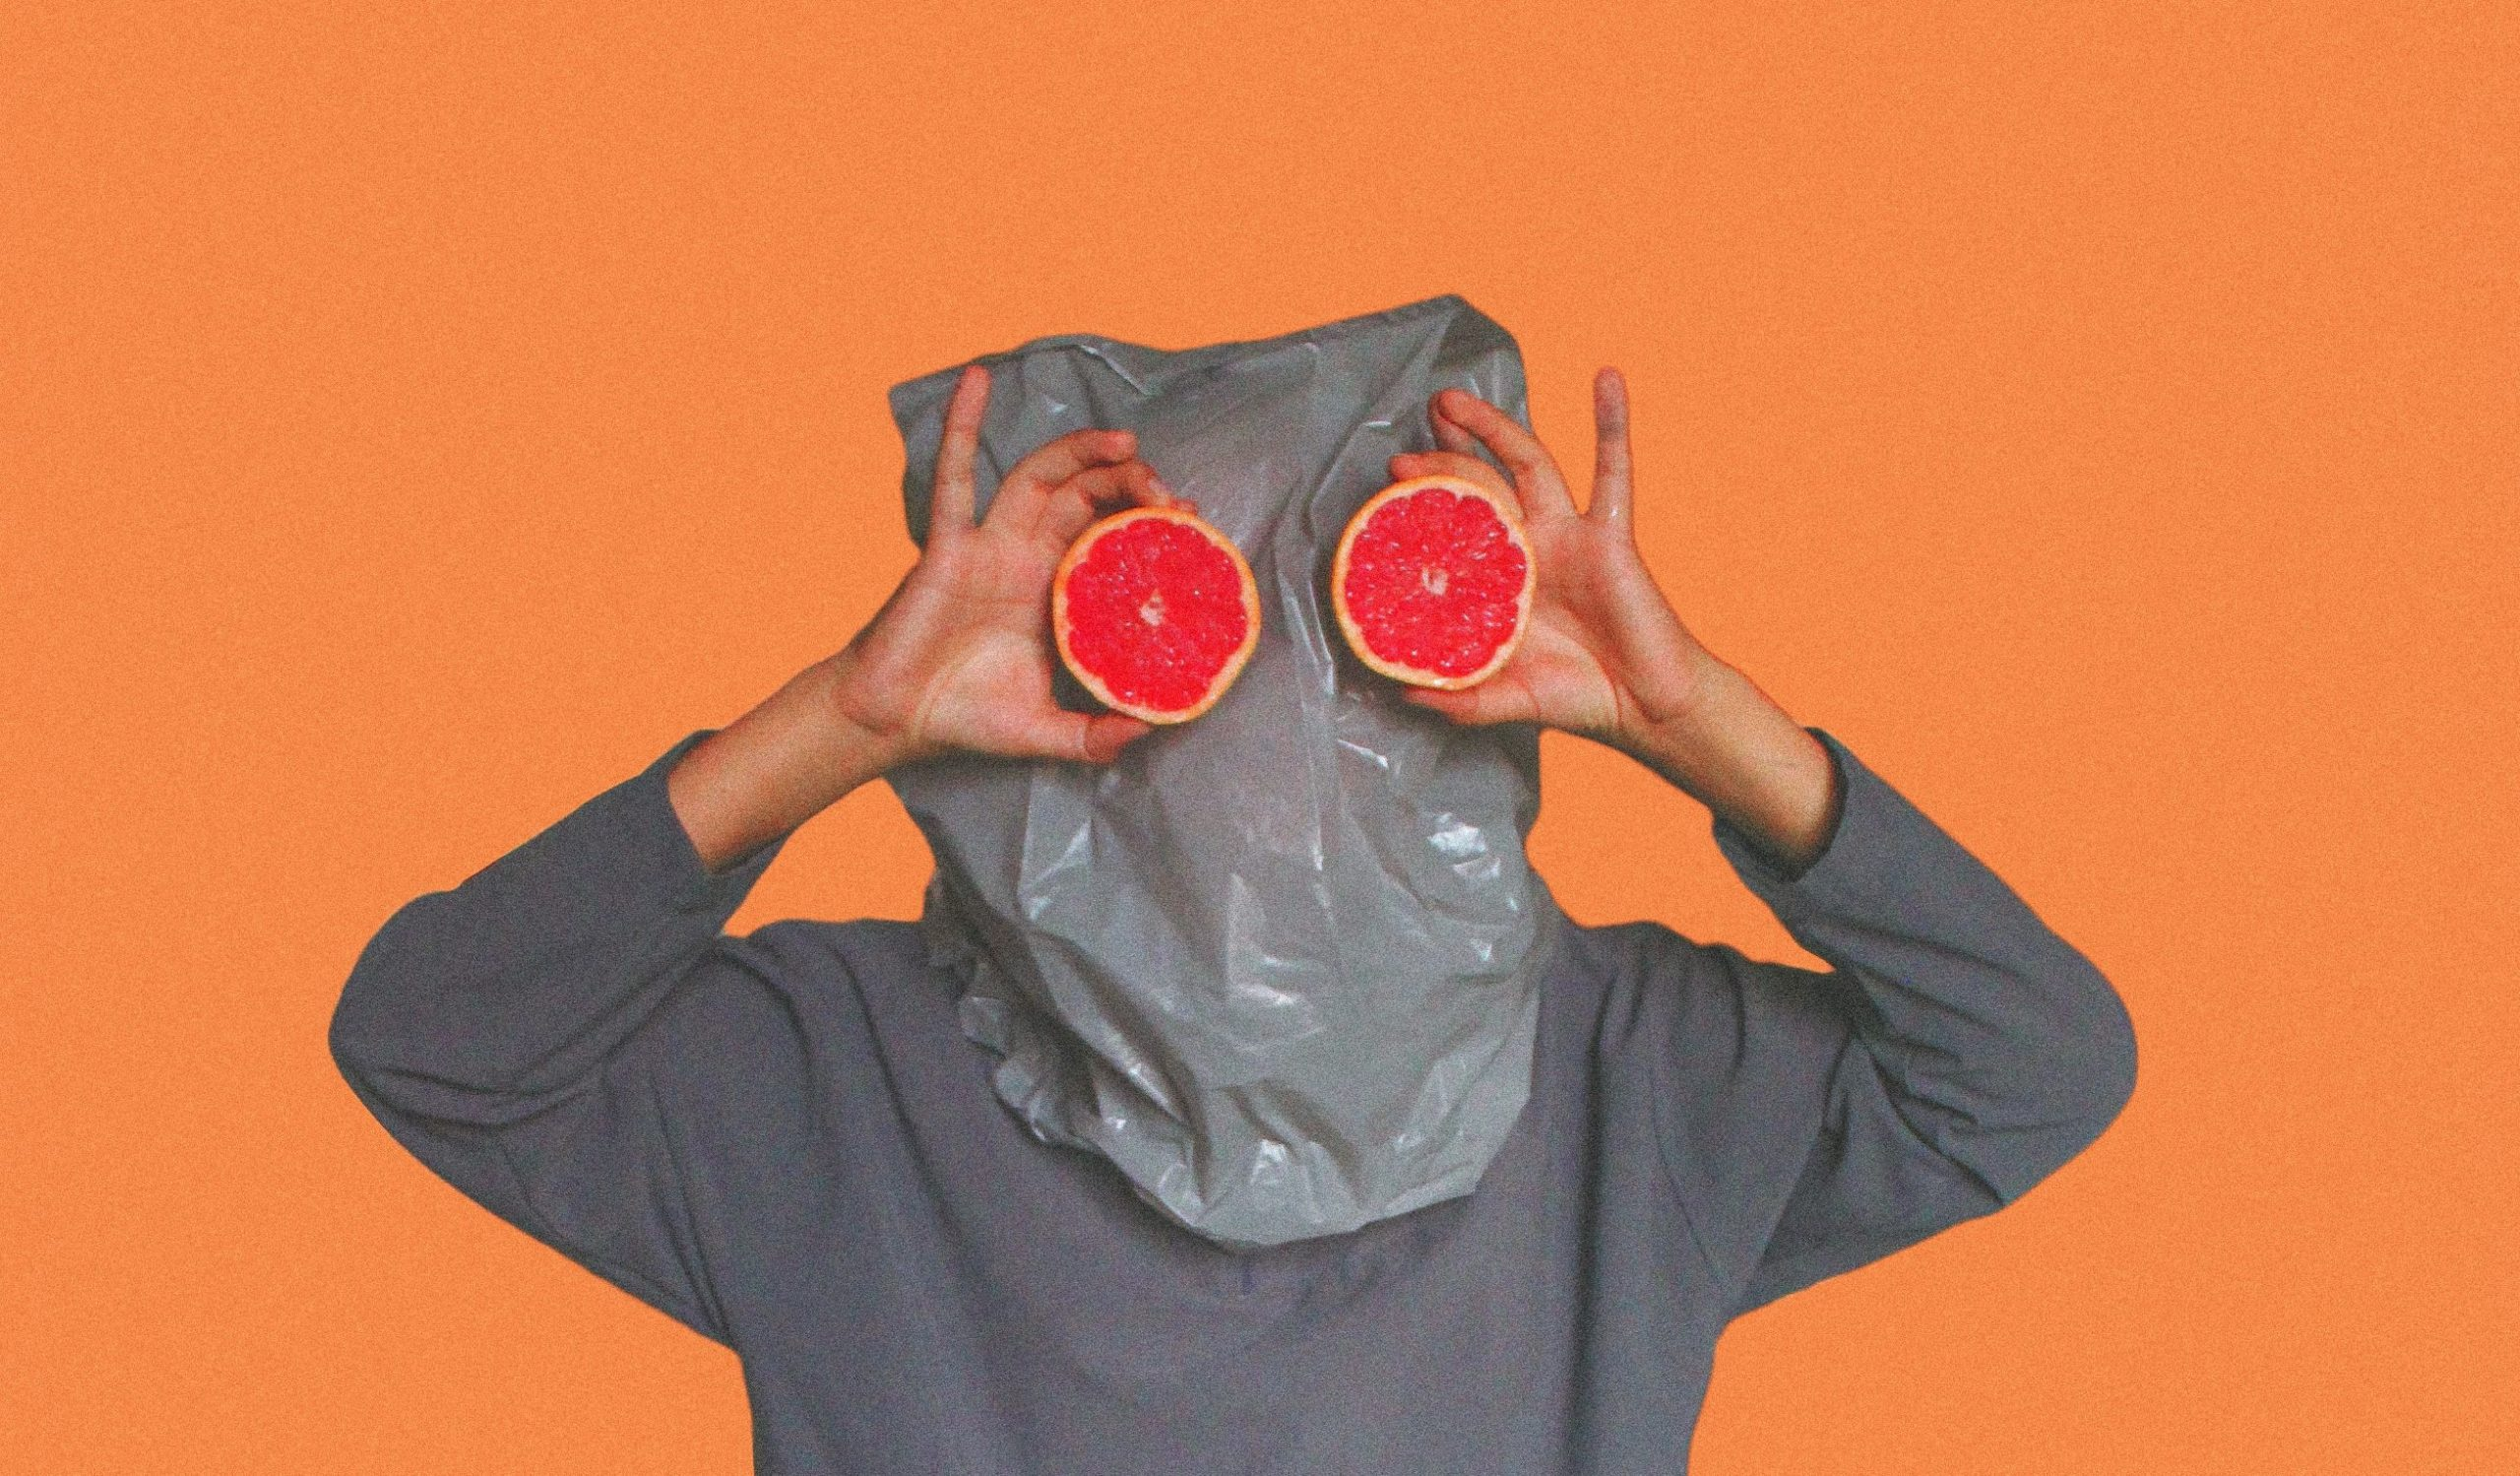 משיכה - איש עם שק על הראש ותפוזים בתור עיניים